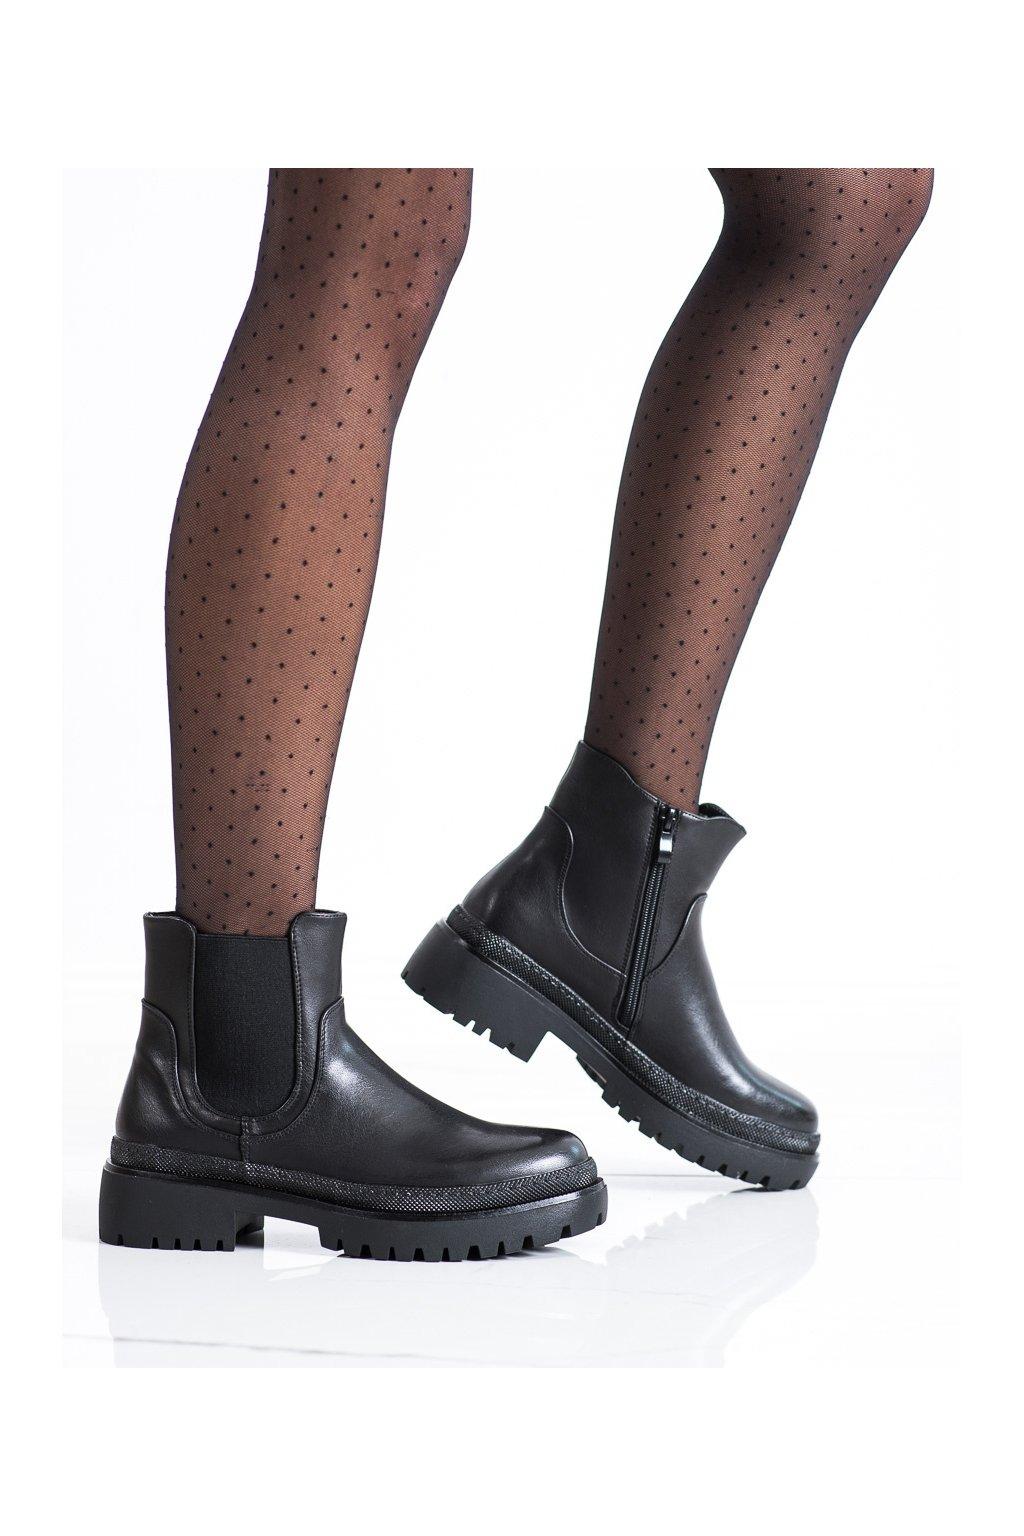 Čierne dámske topánky Renda kod 888-59B